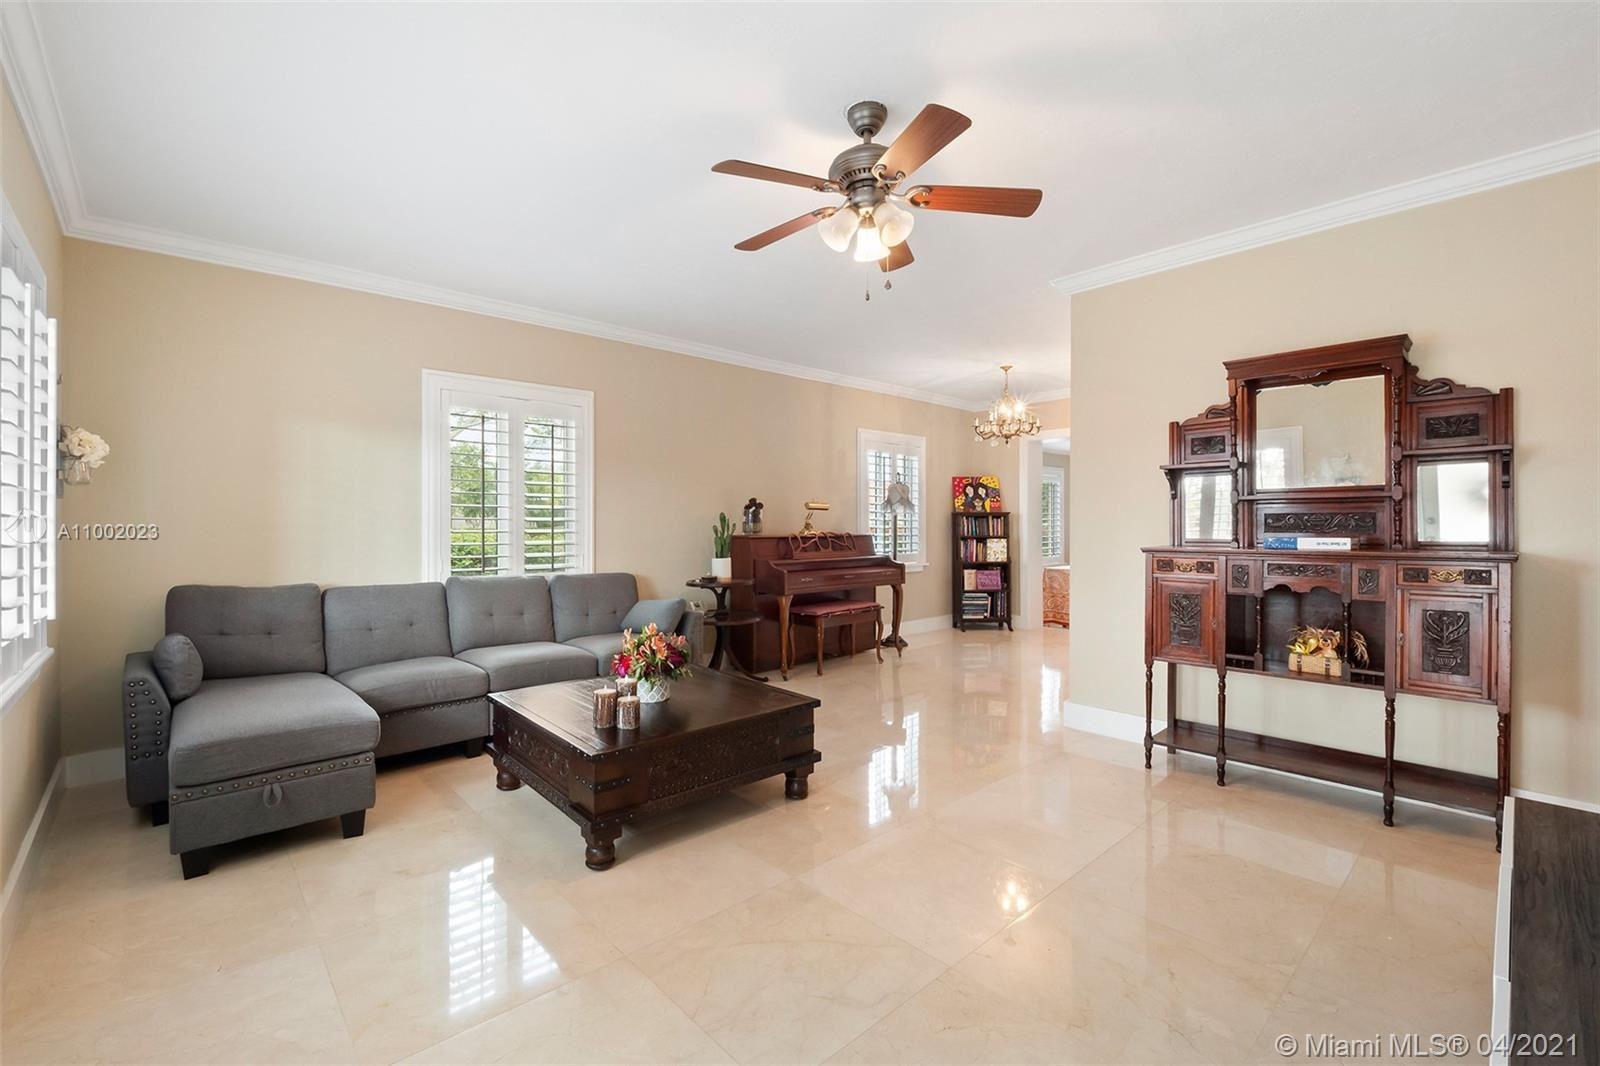 6291 SW 42nd St, South Miami, FL 33155 - #: A11002023